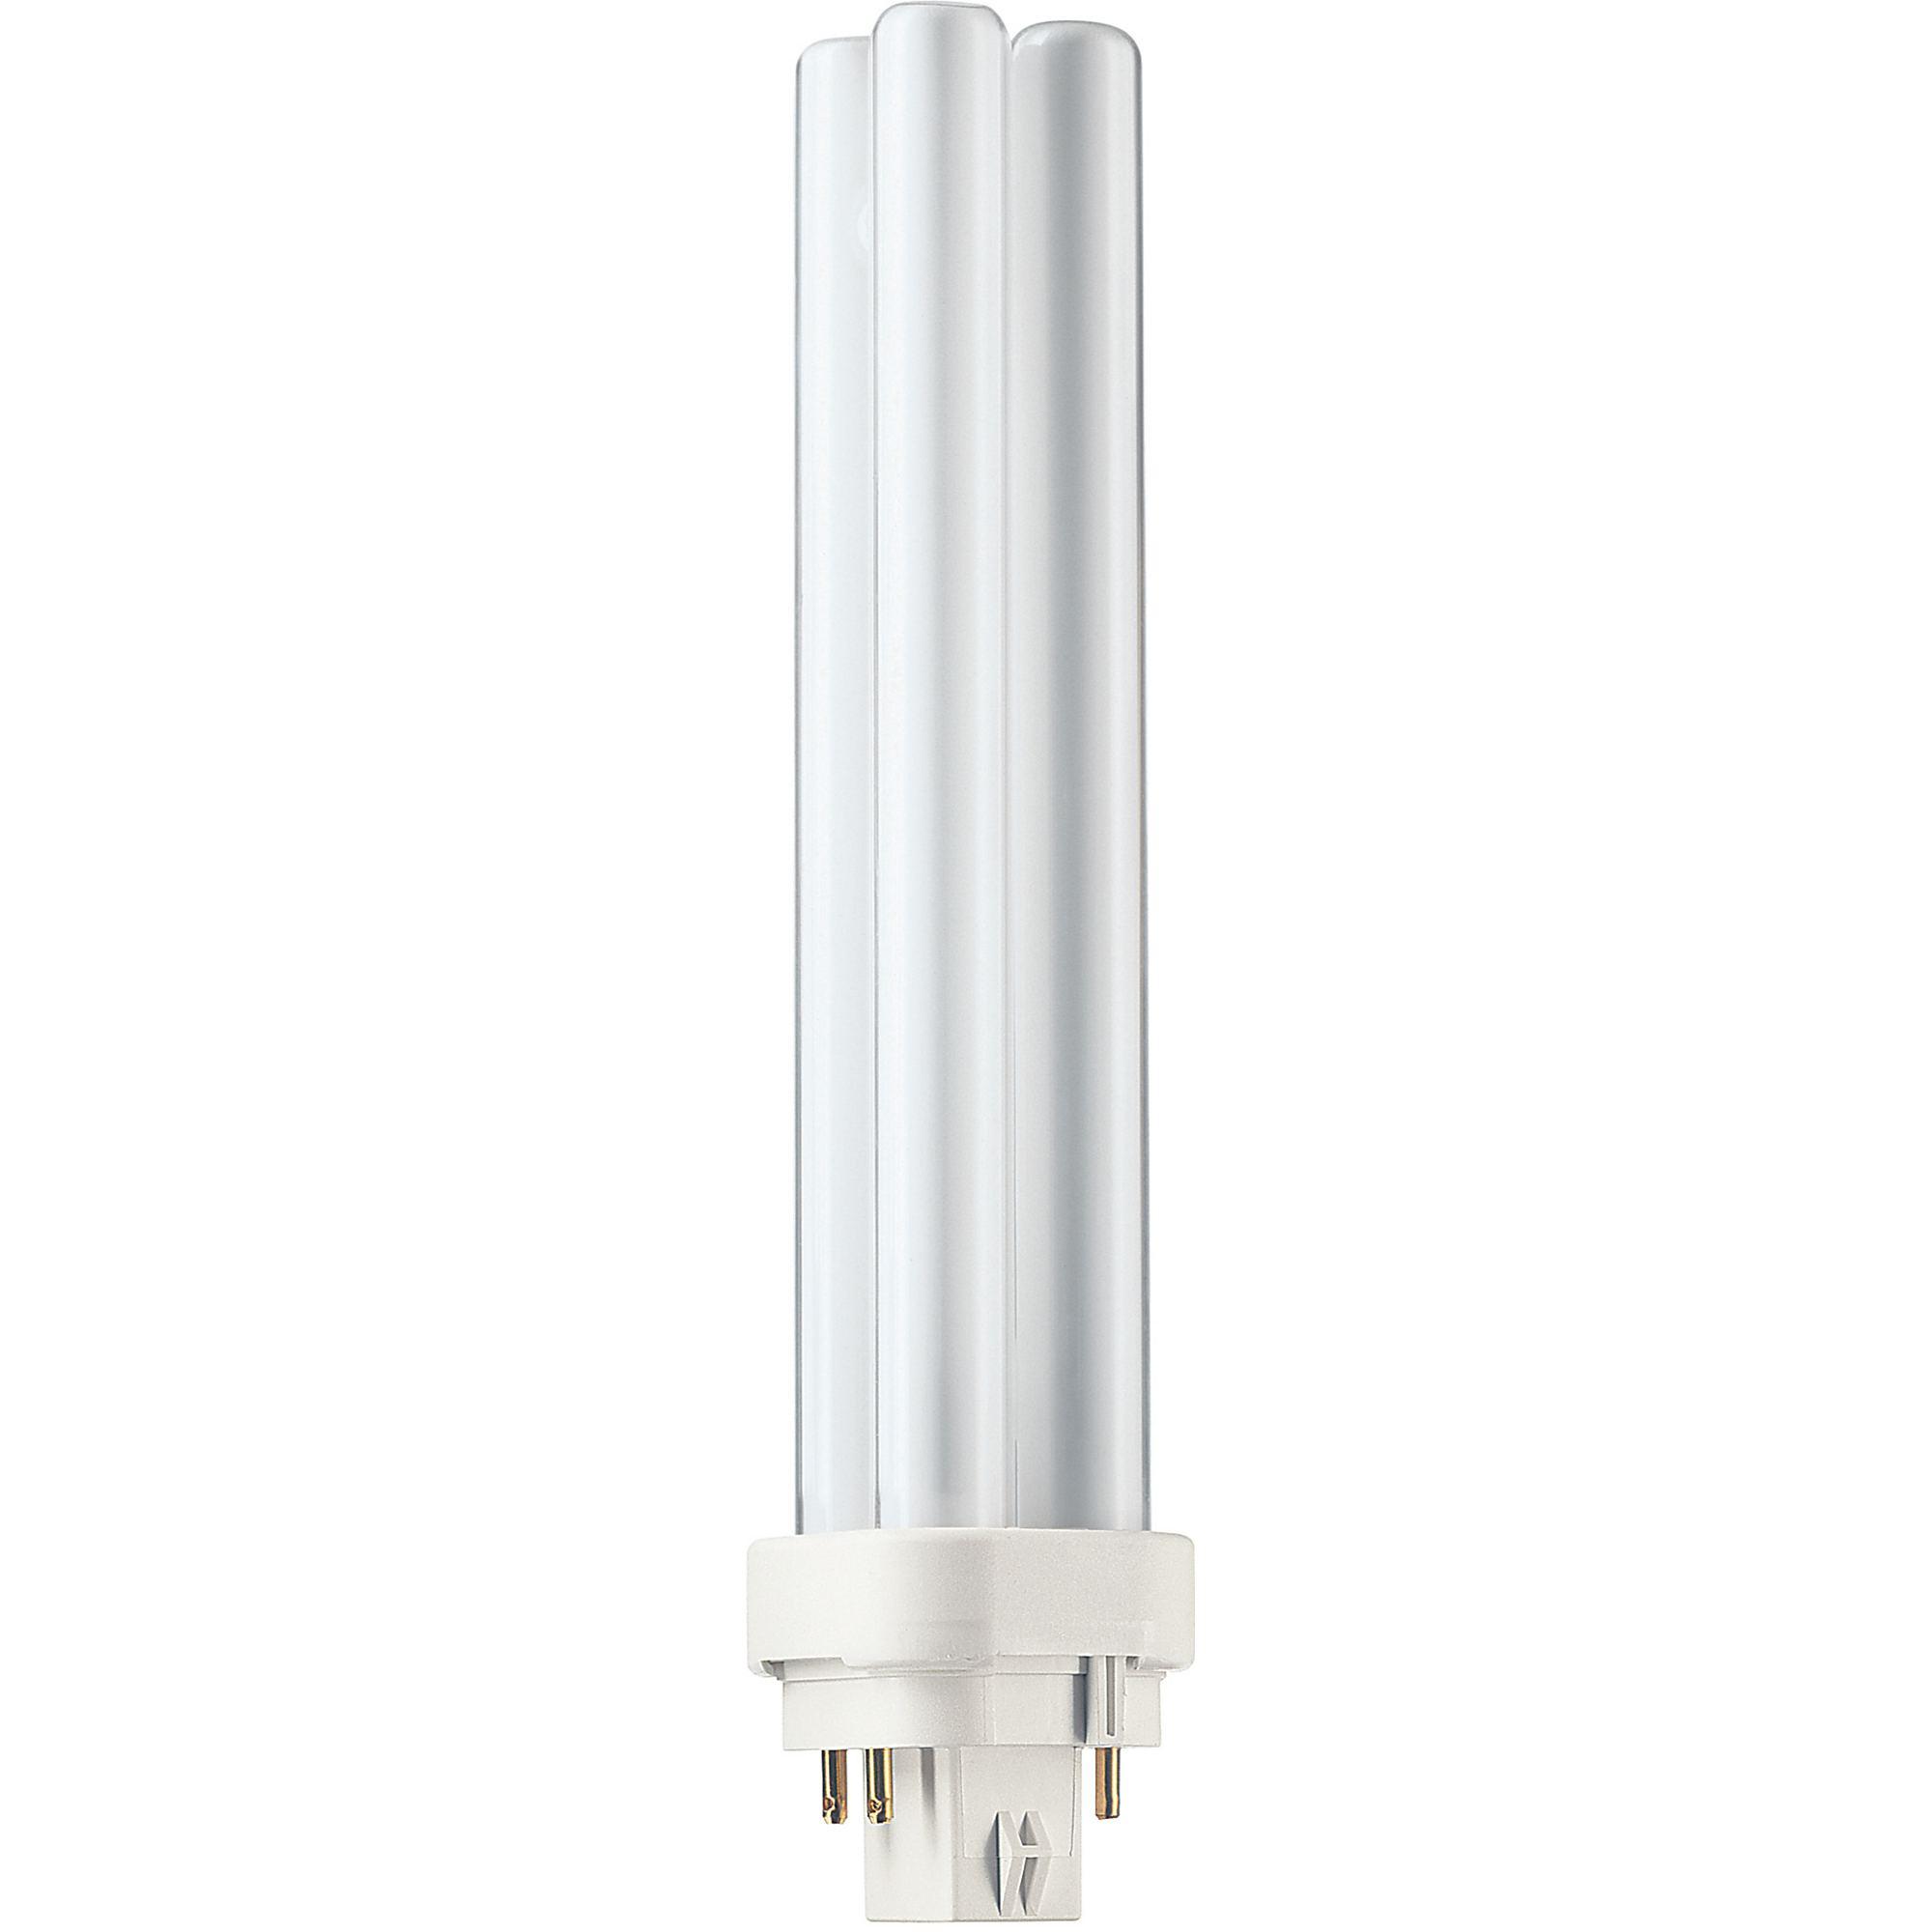 Купить Лампа люминесцентная Philips Master PL-C 26W/840/4P 1CT/5X10BOX 4-штыр. G24q3 2